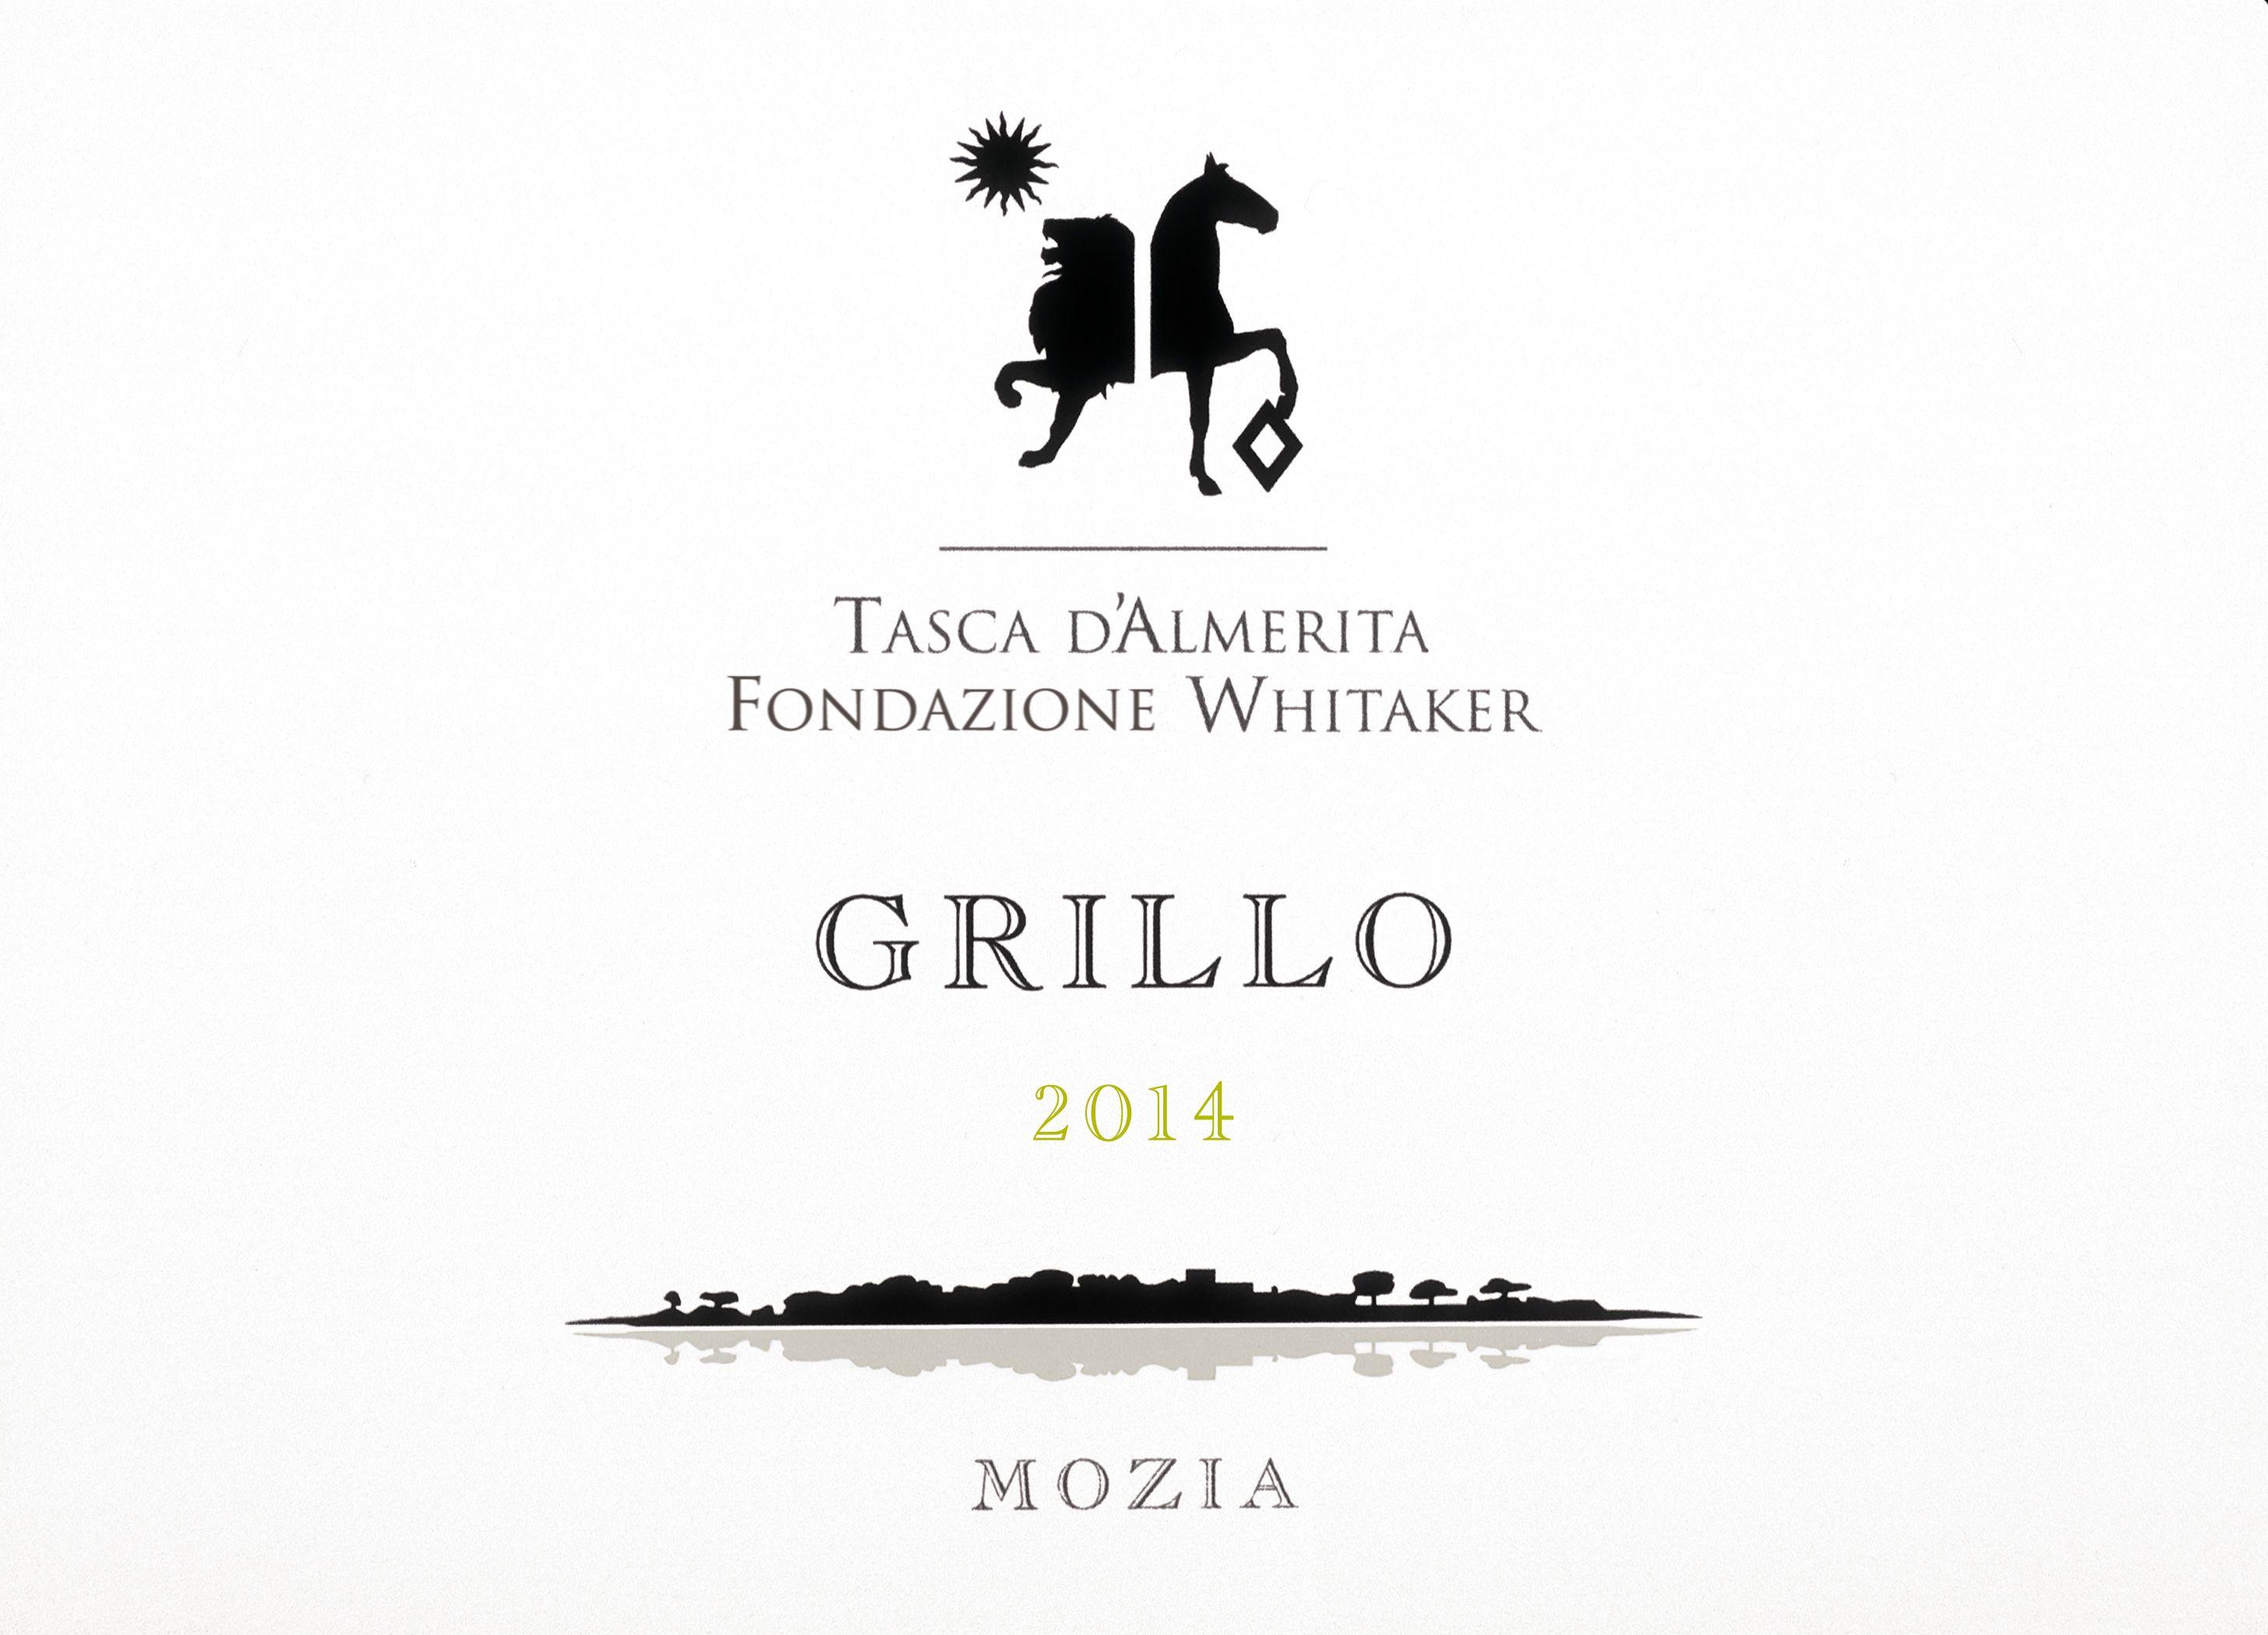 Grillo Mozia - Grillo - Fondazione Whitaker (Tasca d'Almerita) #etichette #vino #naming #packaging #design